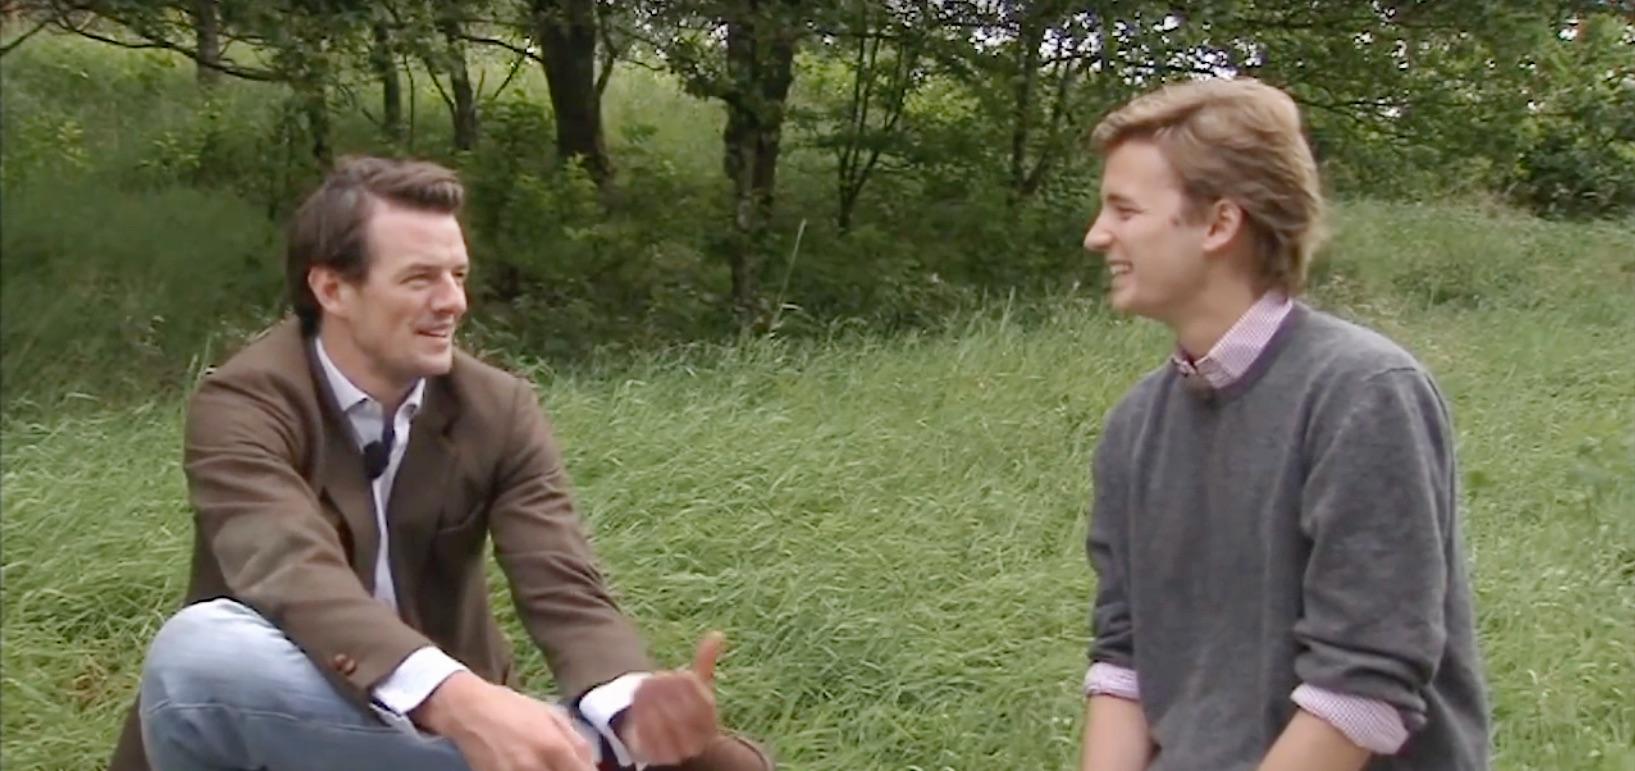 Drückjagdtipps Interview Franz-Albrecht Oettingen